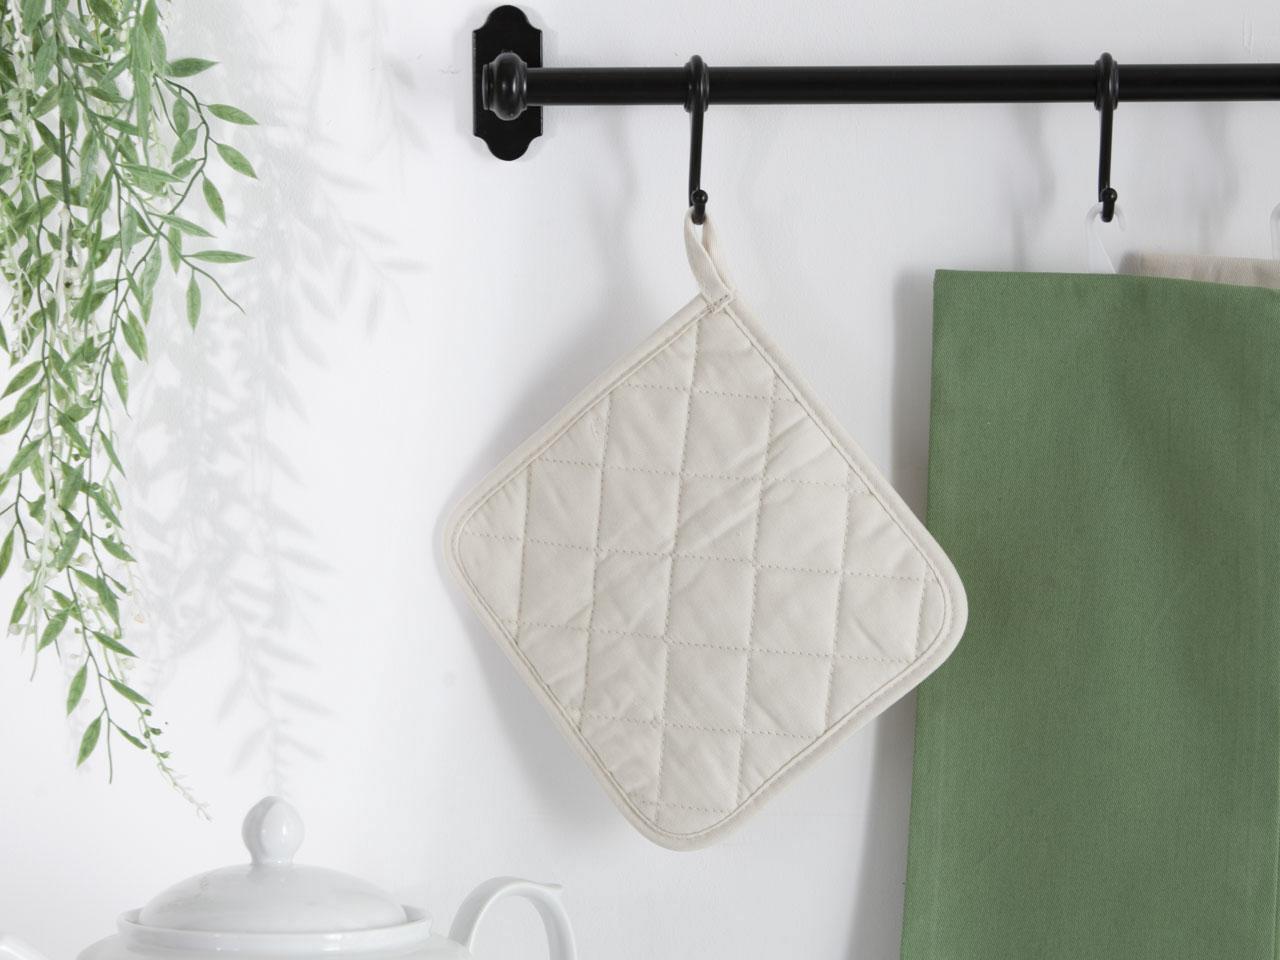 Łapka kuchenna 100% bawełna Altom Design kolekcja Monokolor beżowa